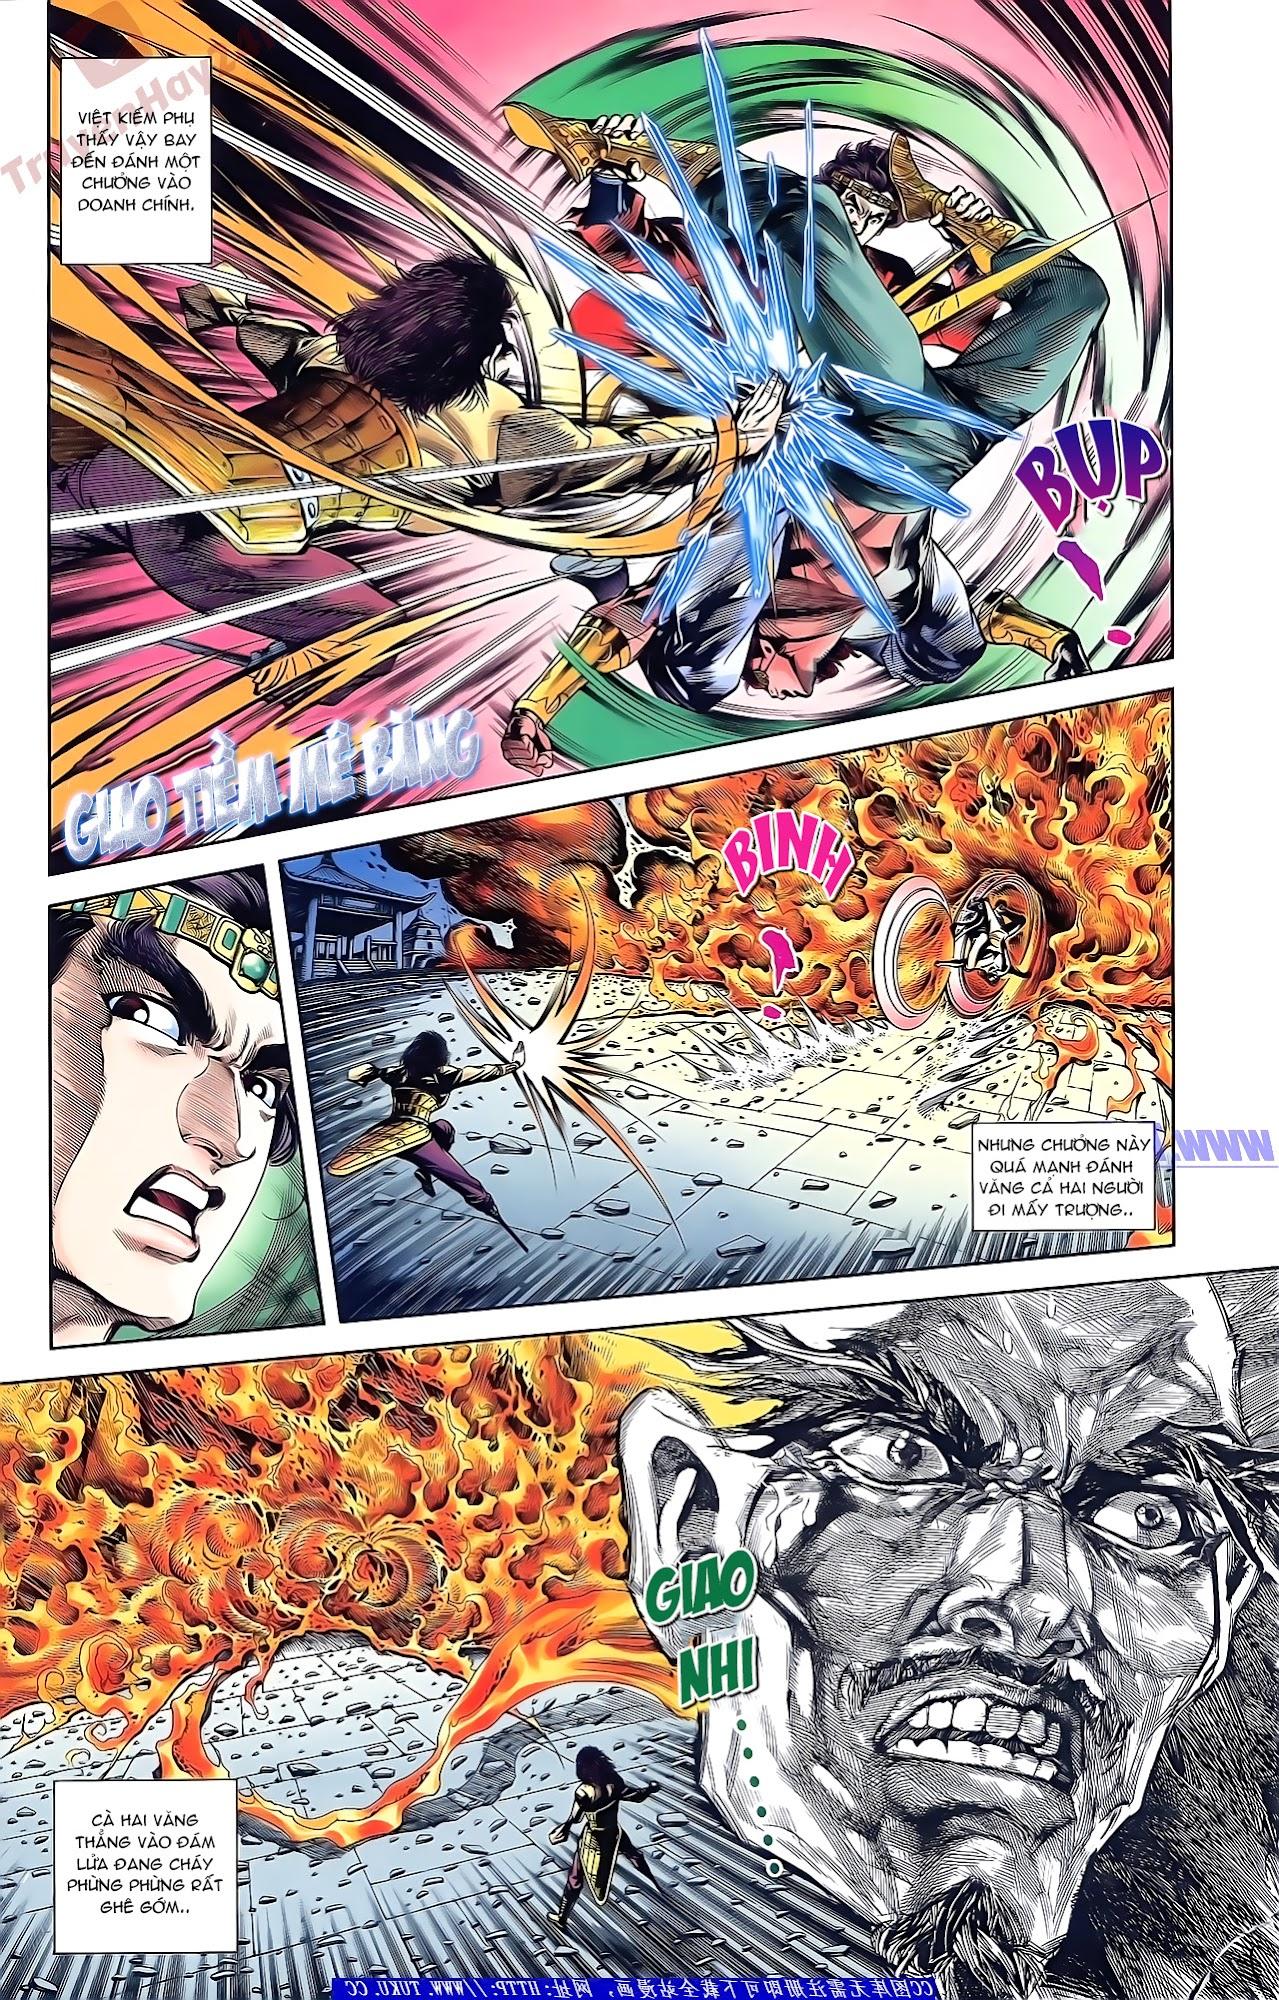 Tần Vương Doanh Chính chapter 51 trang 8